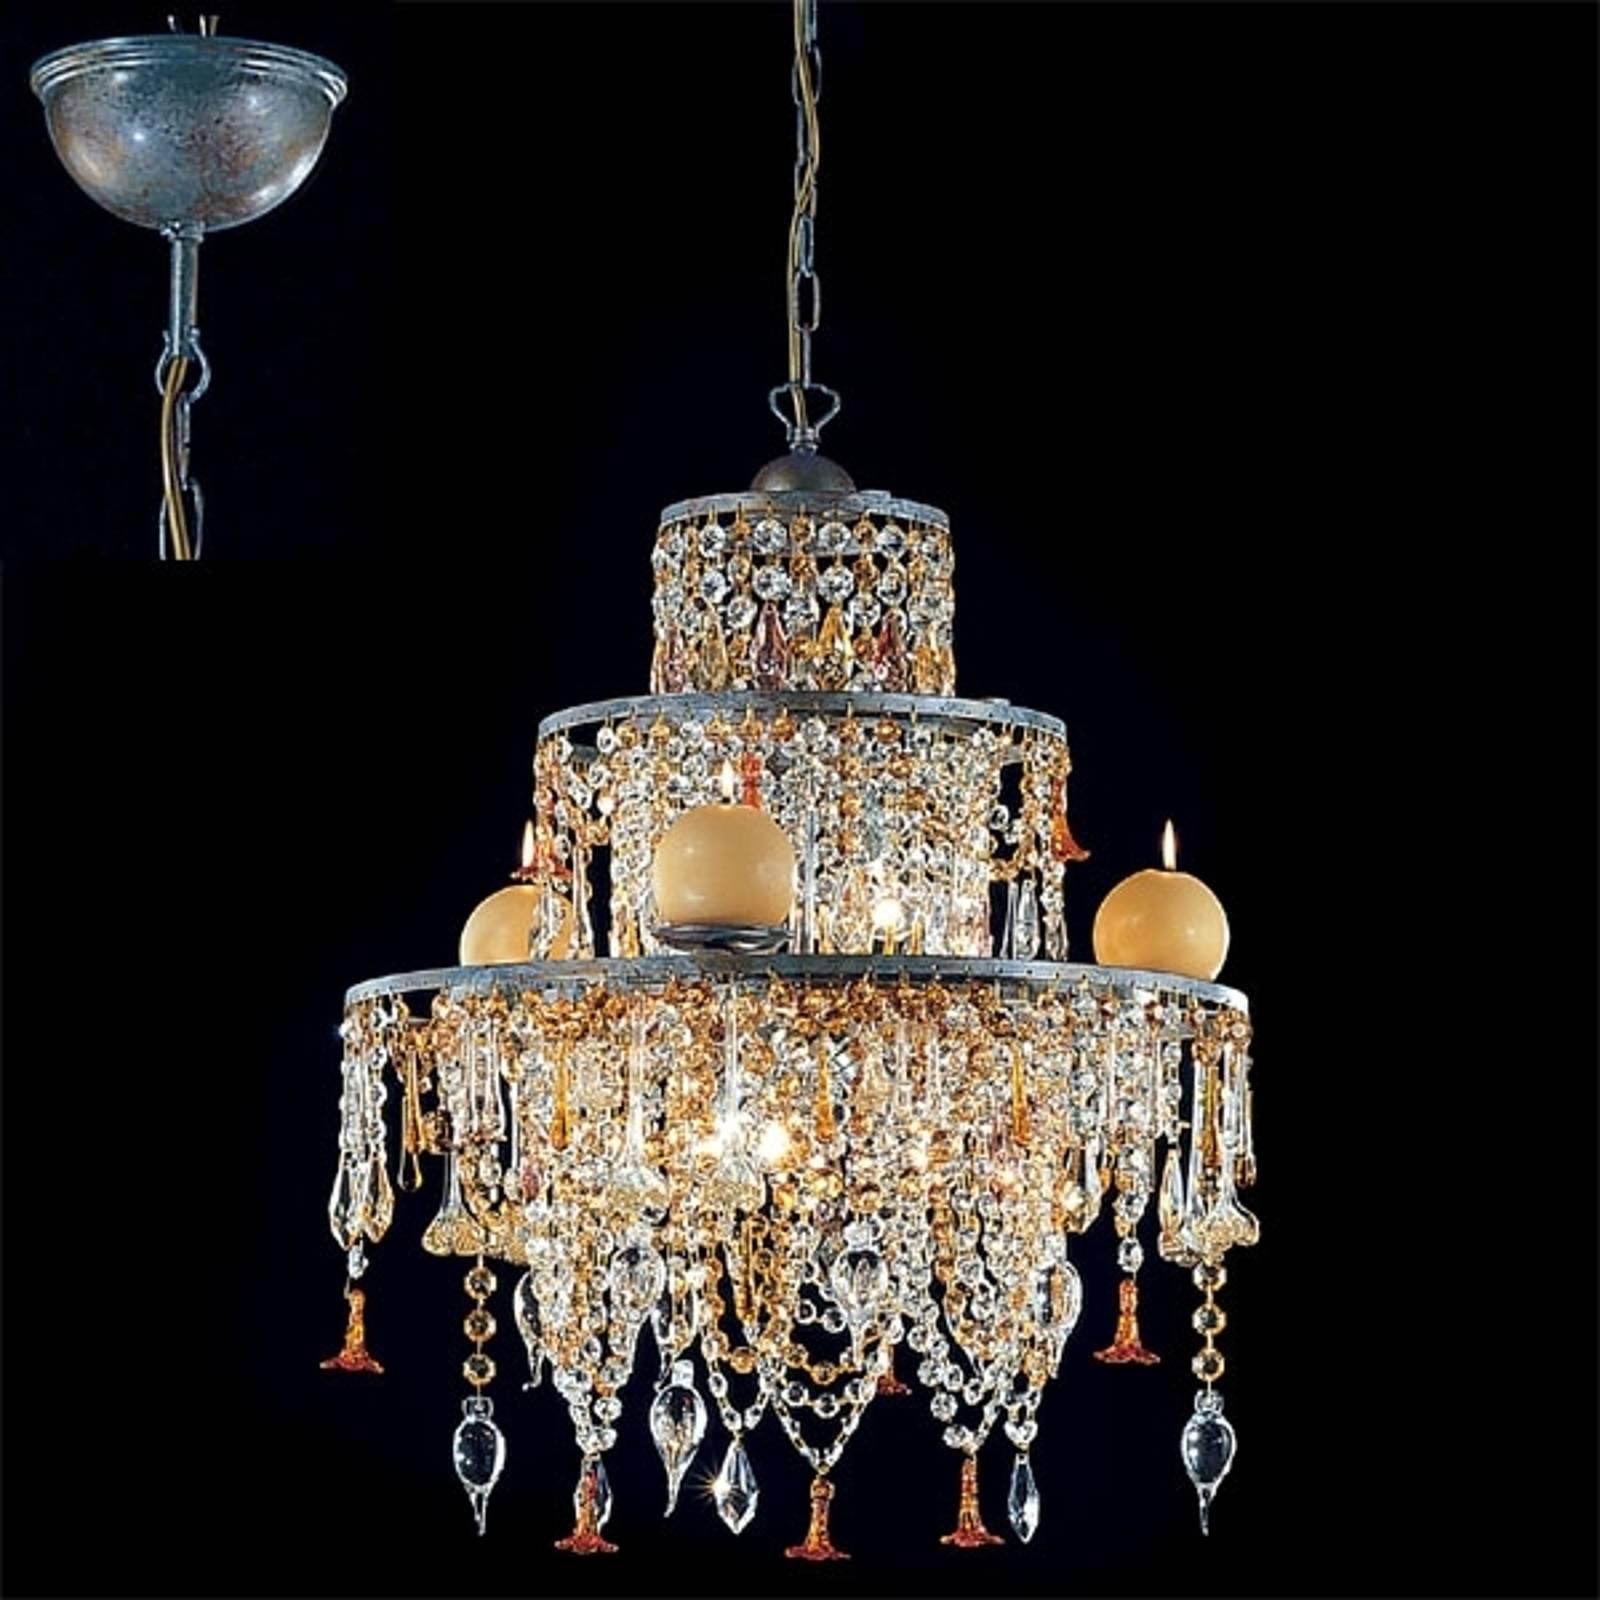 Suspension chandelier GOLDEN DREAM